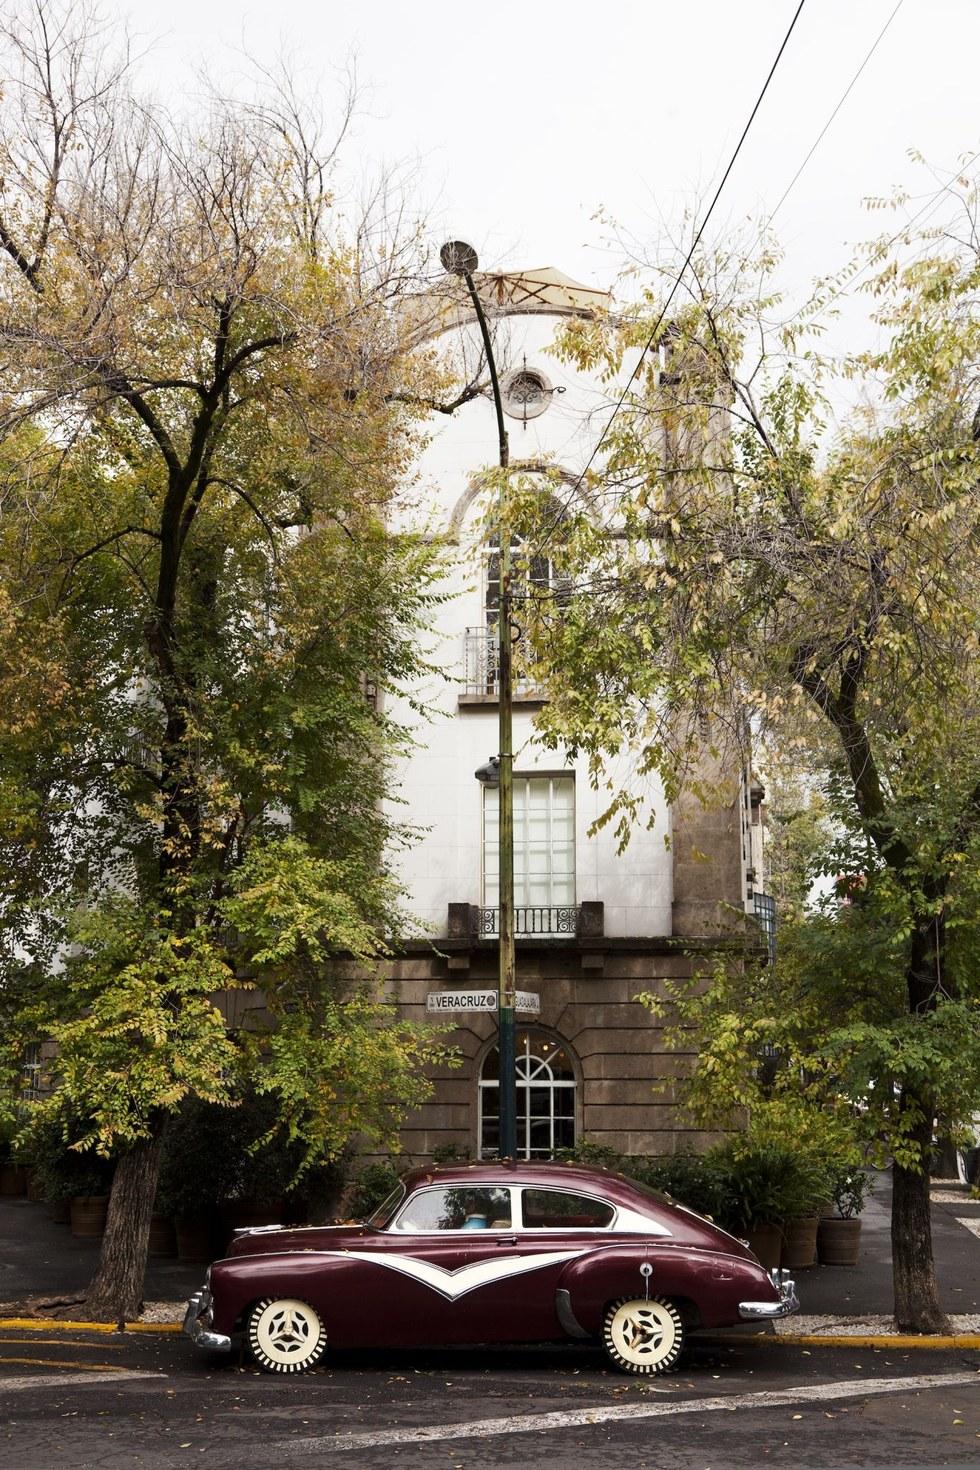 The facade of the Condesa DF hotel